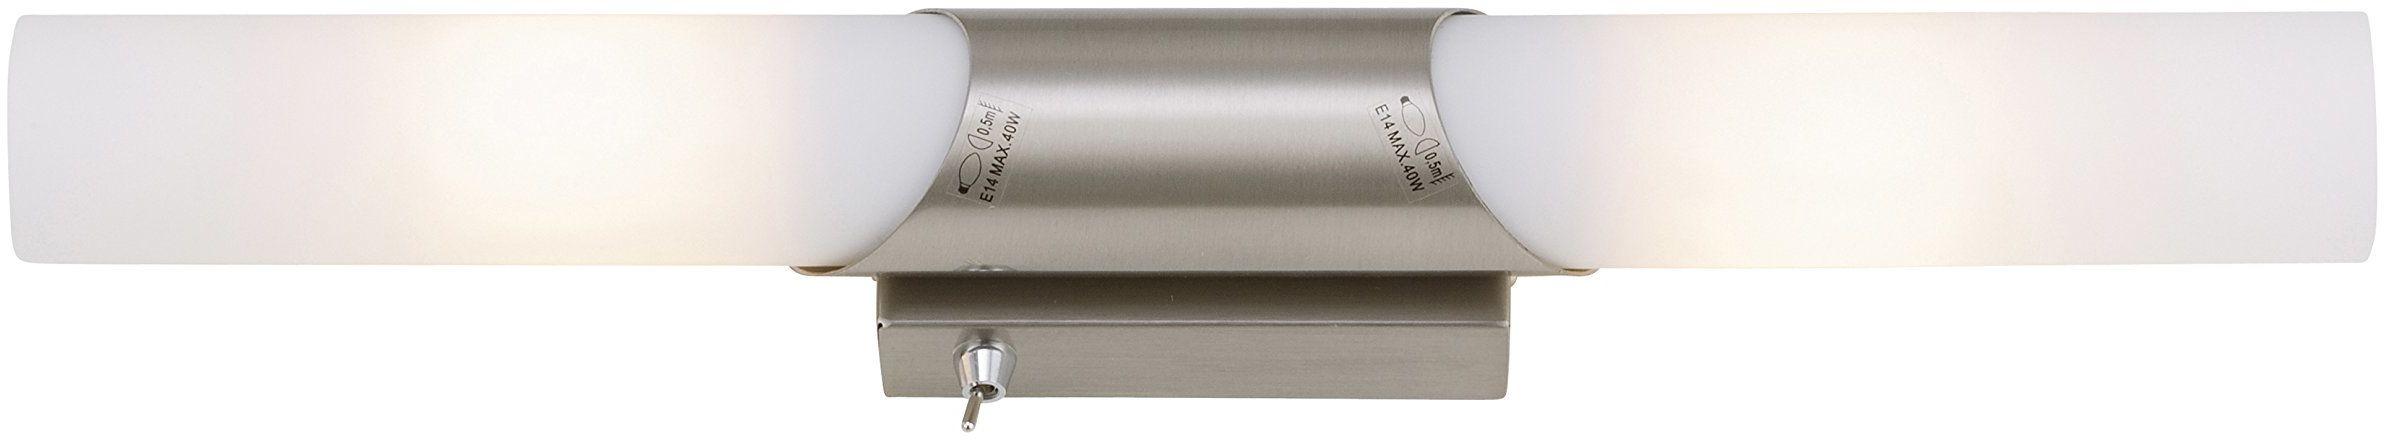 Briloner Leuchten Lampa ścienna, wygodny włącznik światła, oświetlenie lustra, lampa 2-żarówkowa, maks. 40 W, E14, długość: 43,5 cm